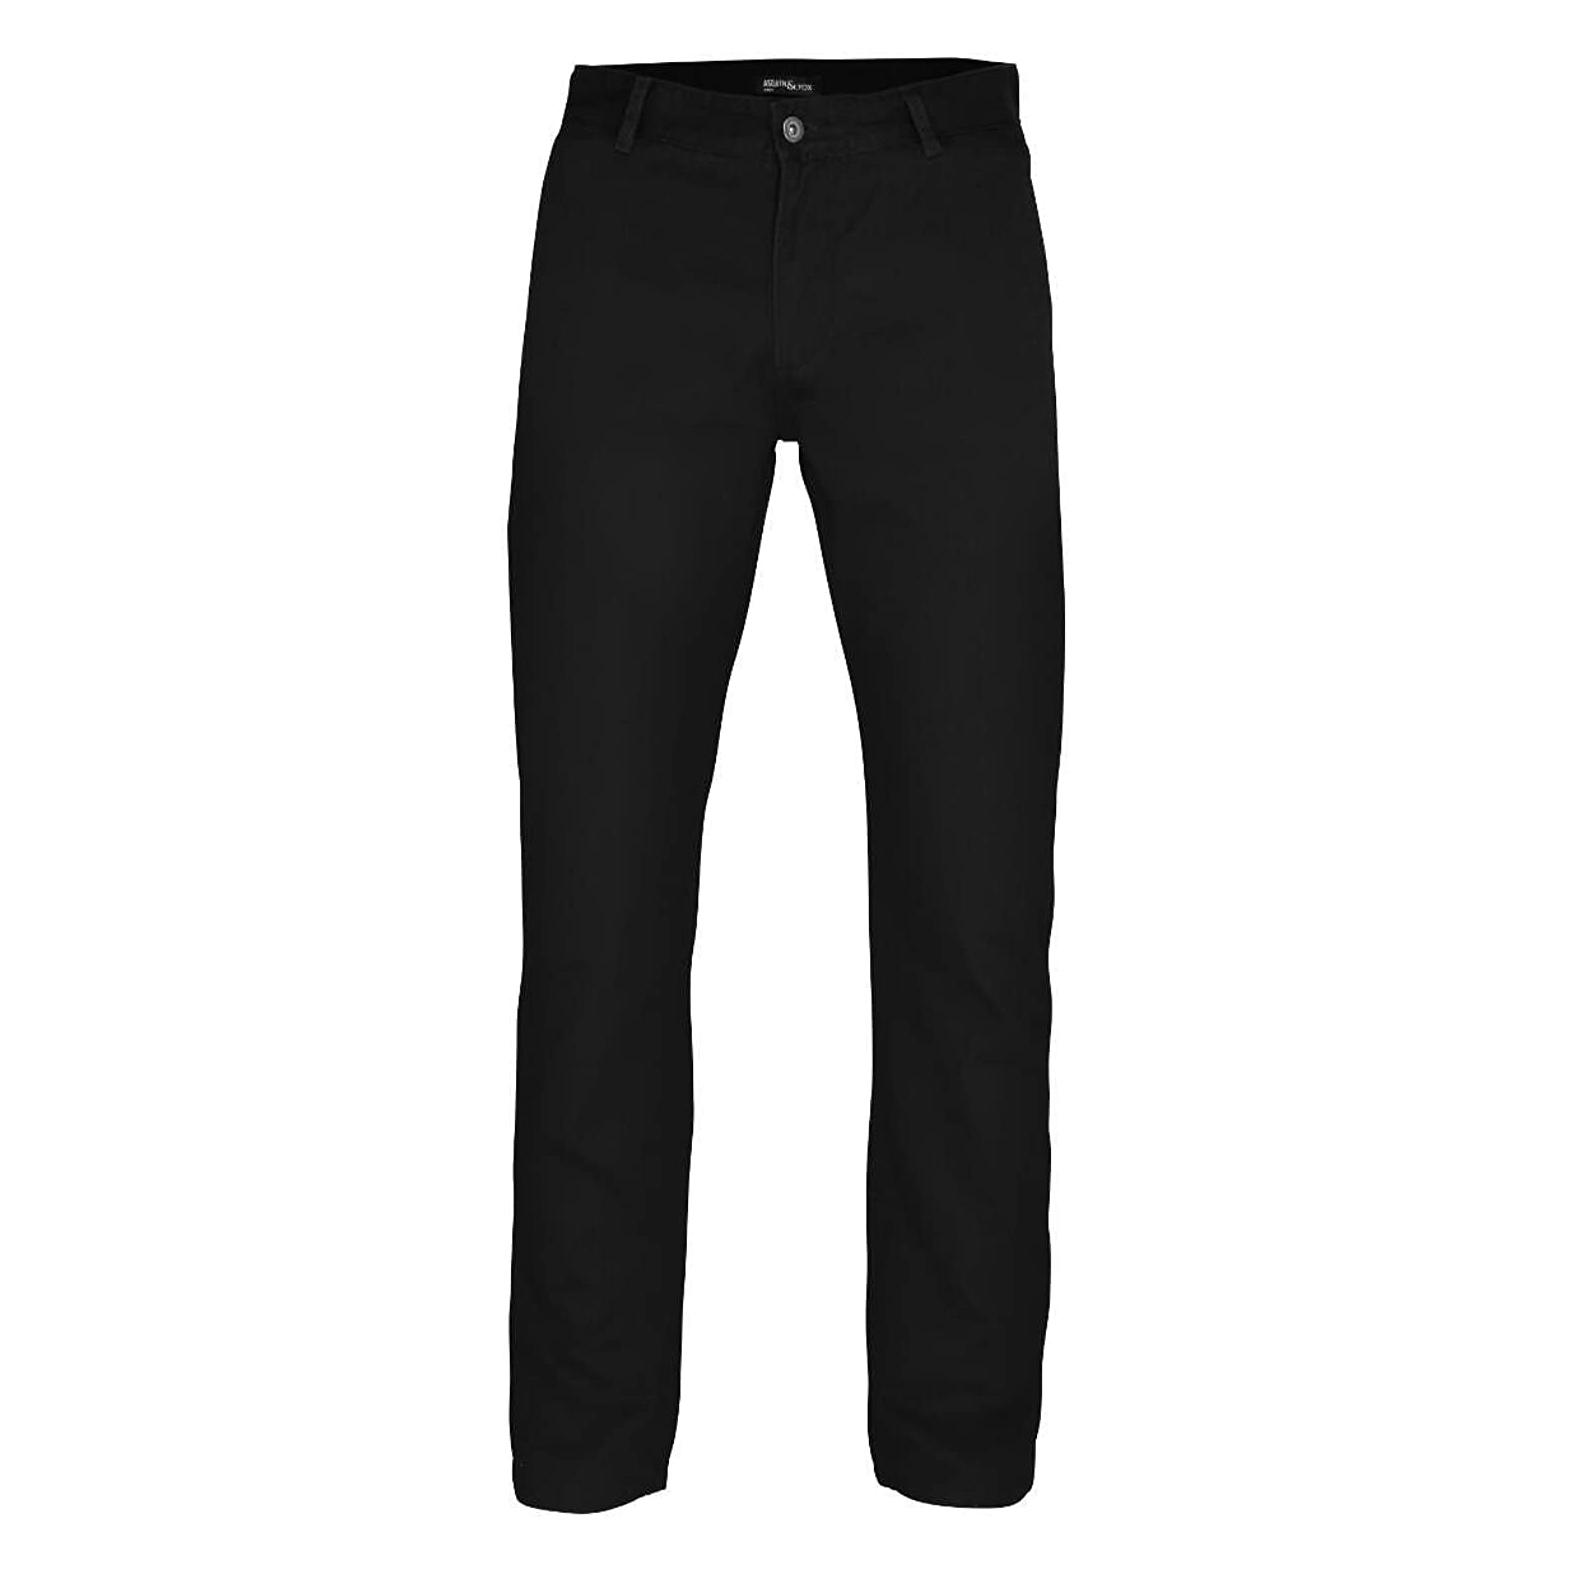 Asquith & Fox Mens Slim Fit Cotton Chino Trousers (3XLU) (Khaki)